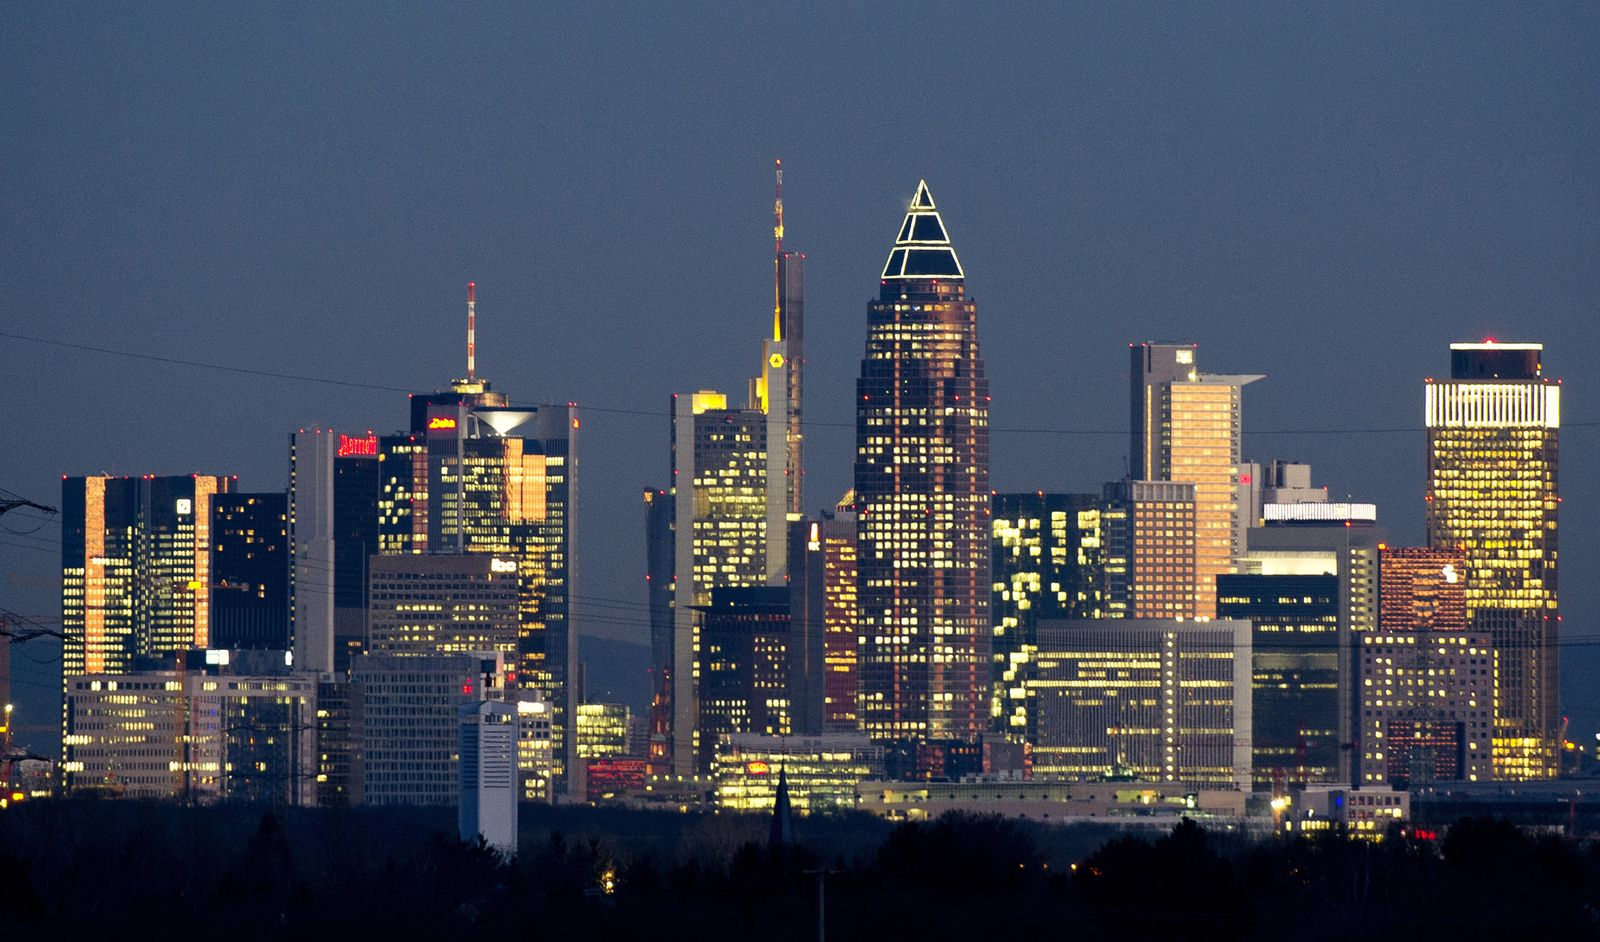 Bundesland / Frankfurter Banken-Skyline